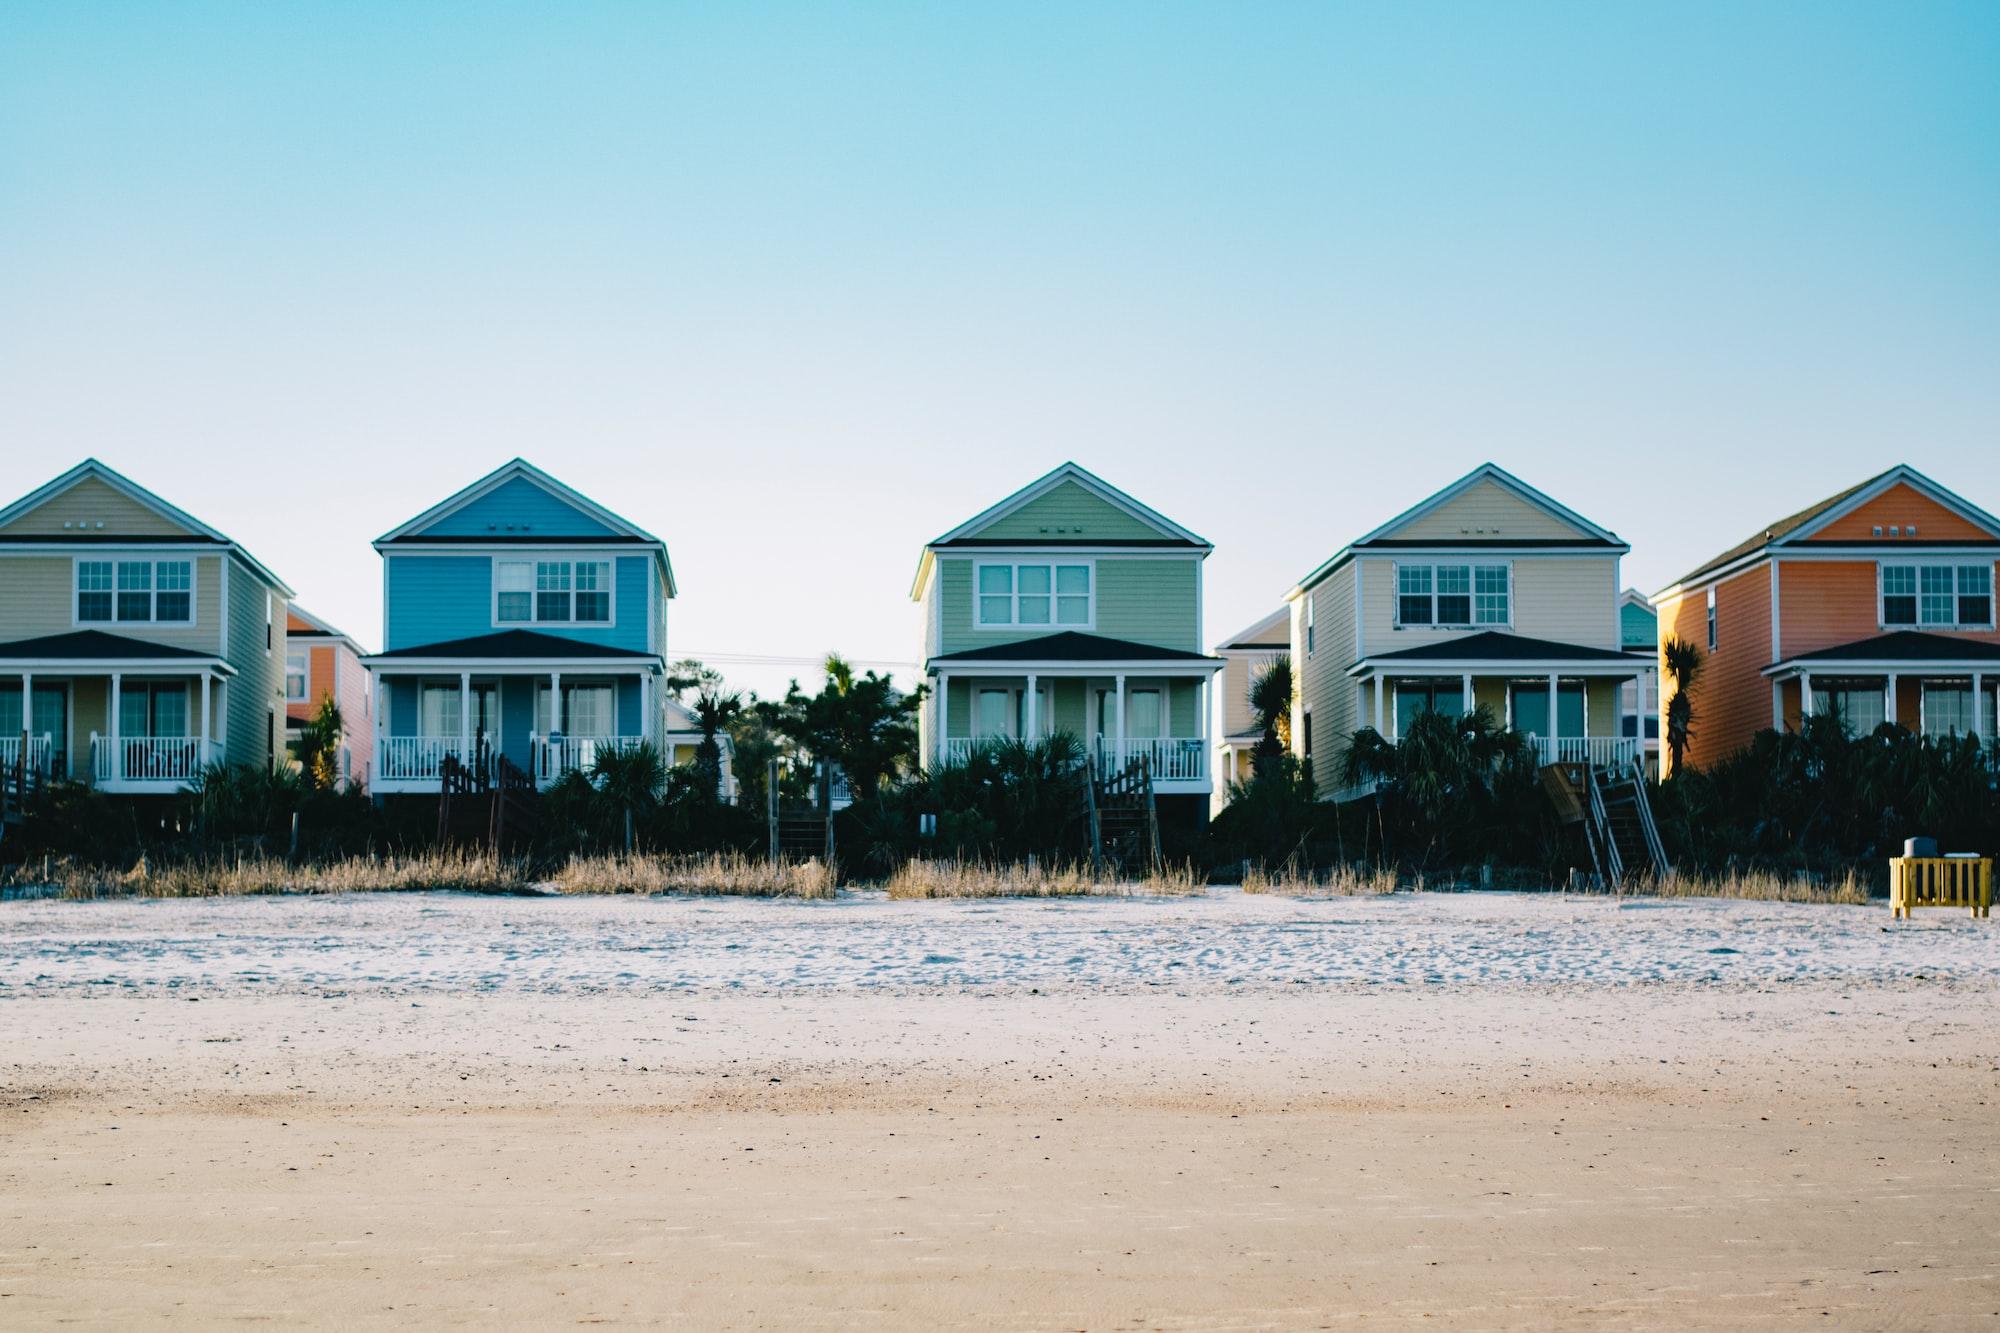 Na imagem cinco casas enfileiradas, cada casa de uma cor (bege, azul claro verde claro, pérola e alaranjado). Todas com varanda e localizadas a beira mar. A luz é de nascer do sol.